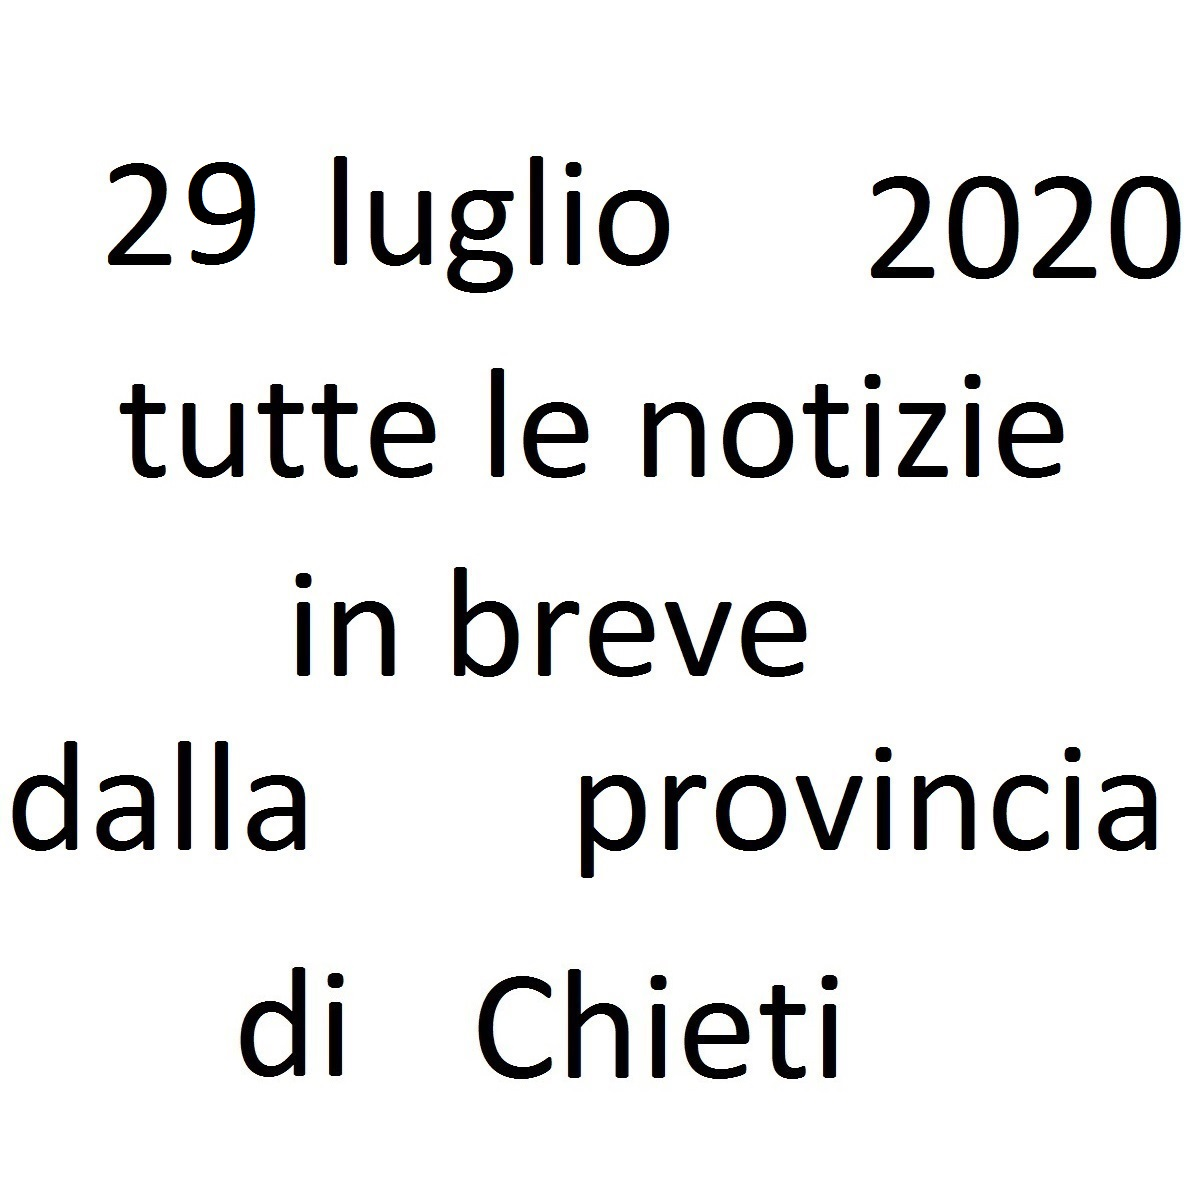 29 luglio 2020 notizie in breve dalla Provincia di Chieti foto